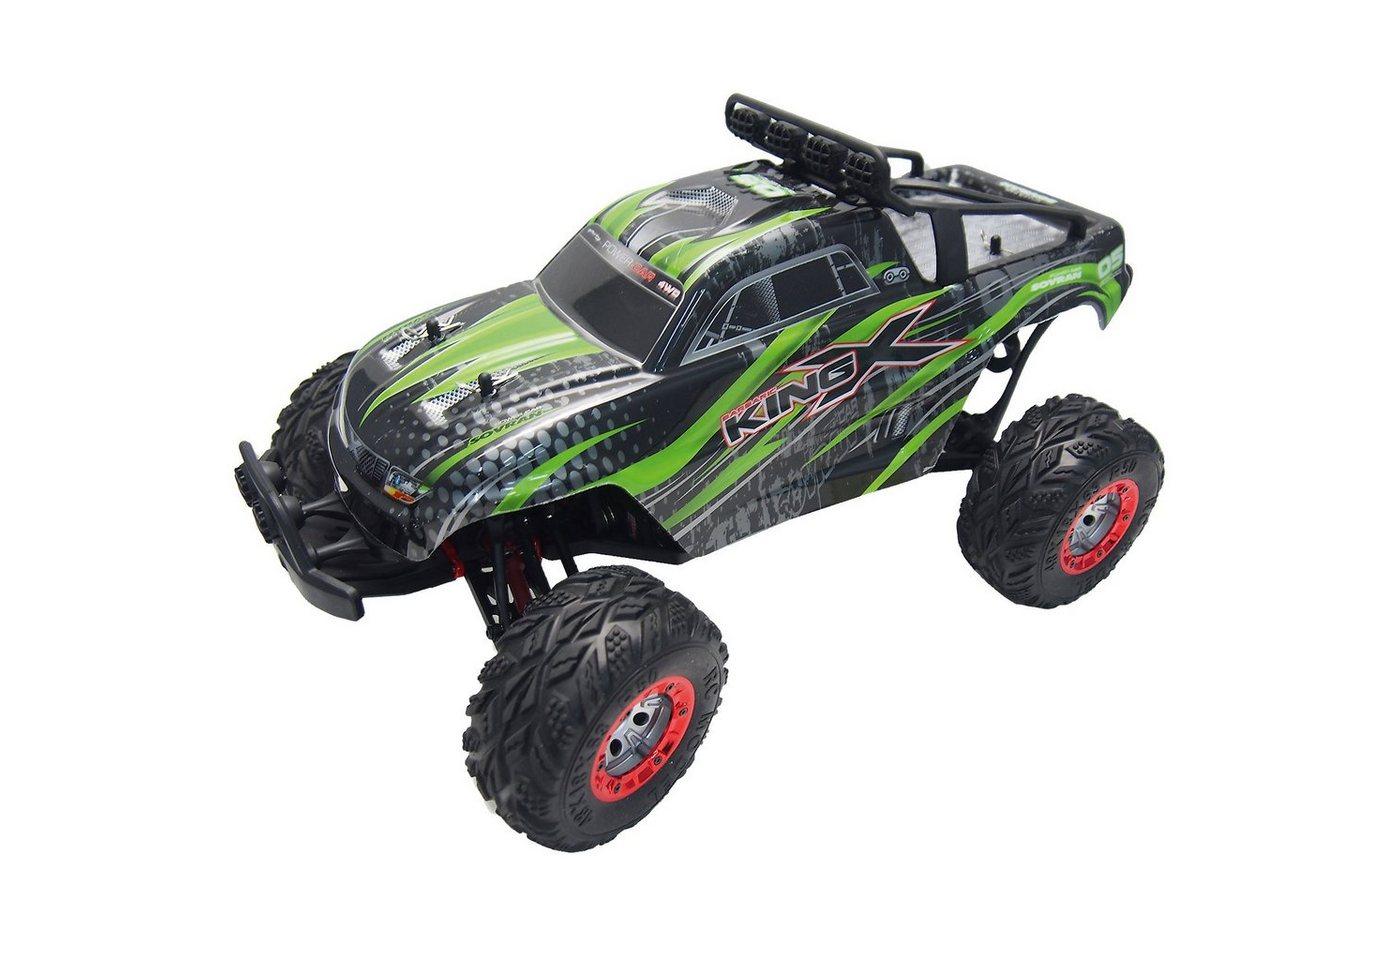 Amewi RC Modellbau X-King 4WD 1:12 Monstertruck - GRÜN